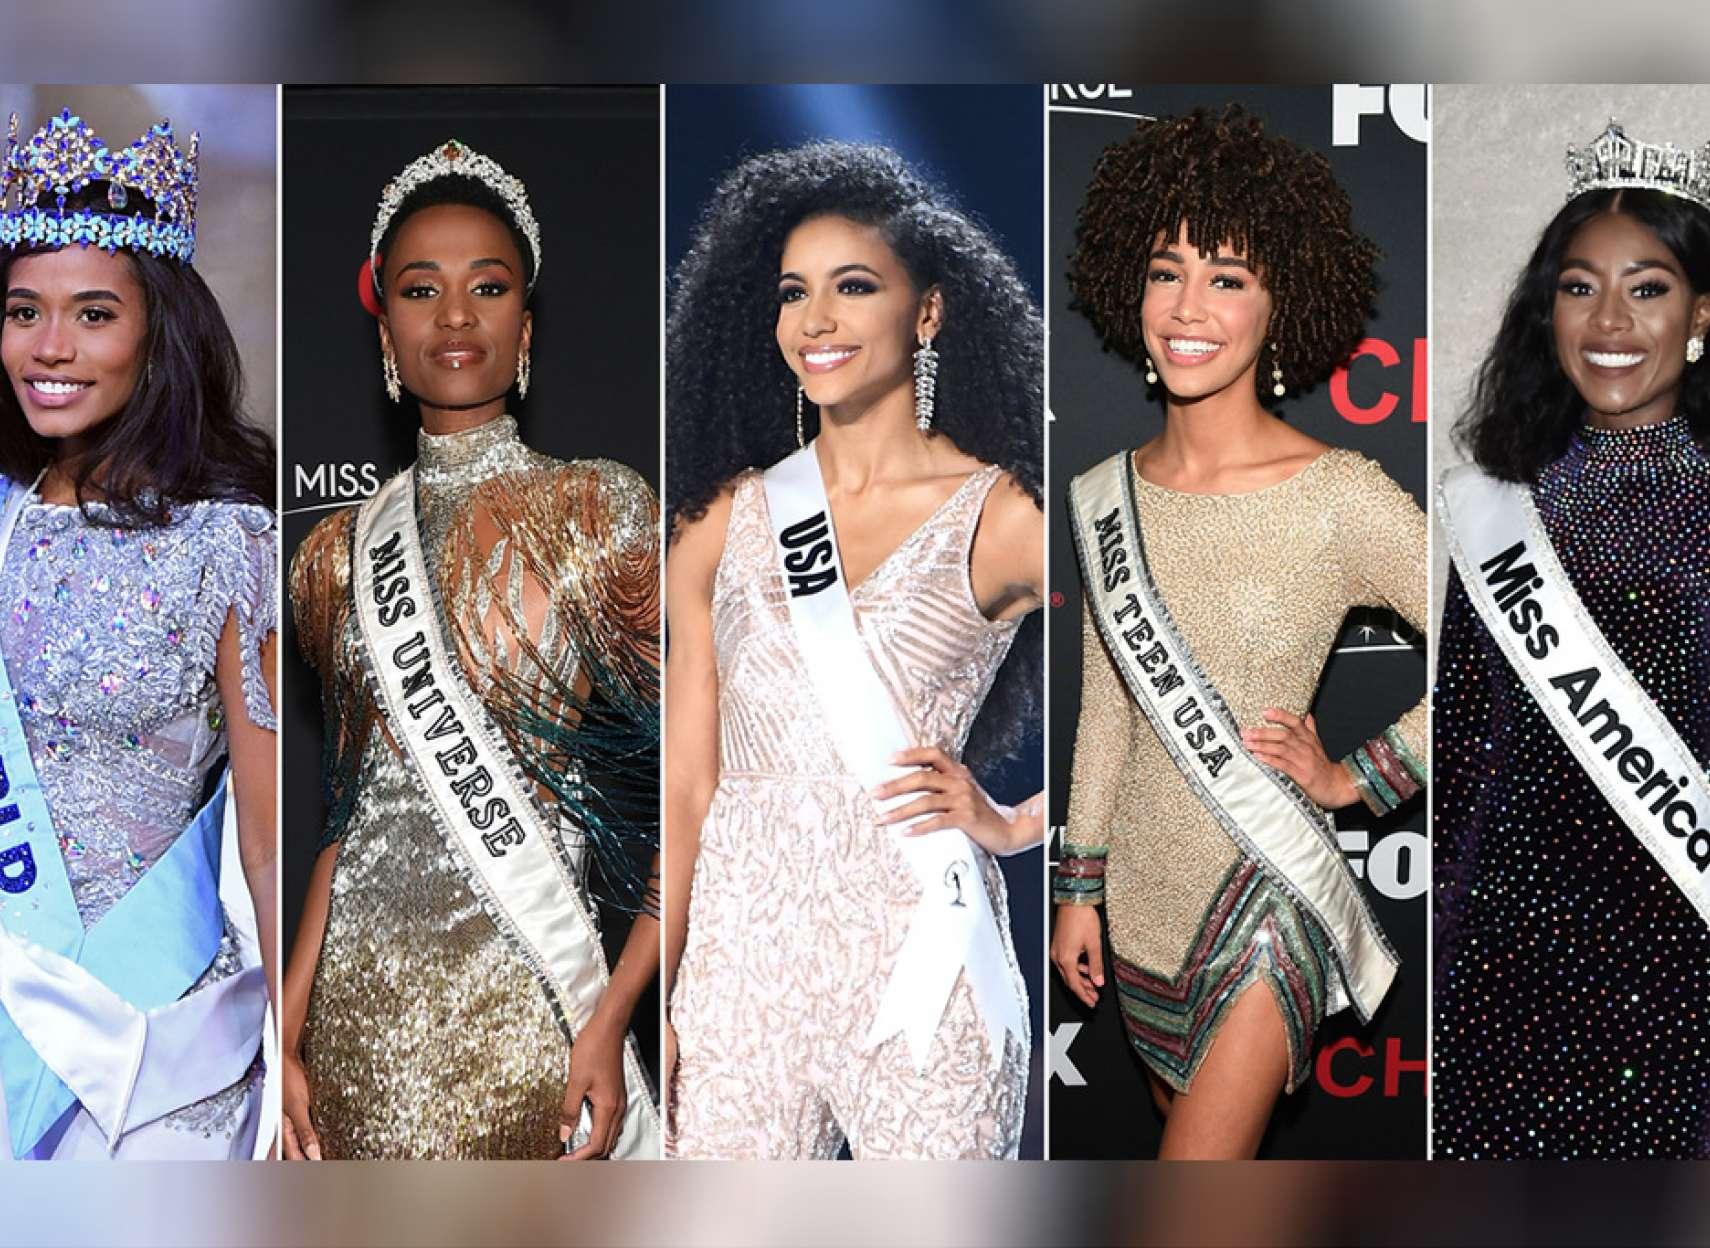 اخبار-جهان-پنج-دختر-شایسته-دنیا-سیاهپوست-هستند